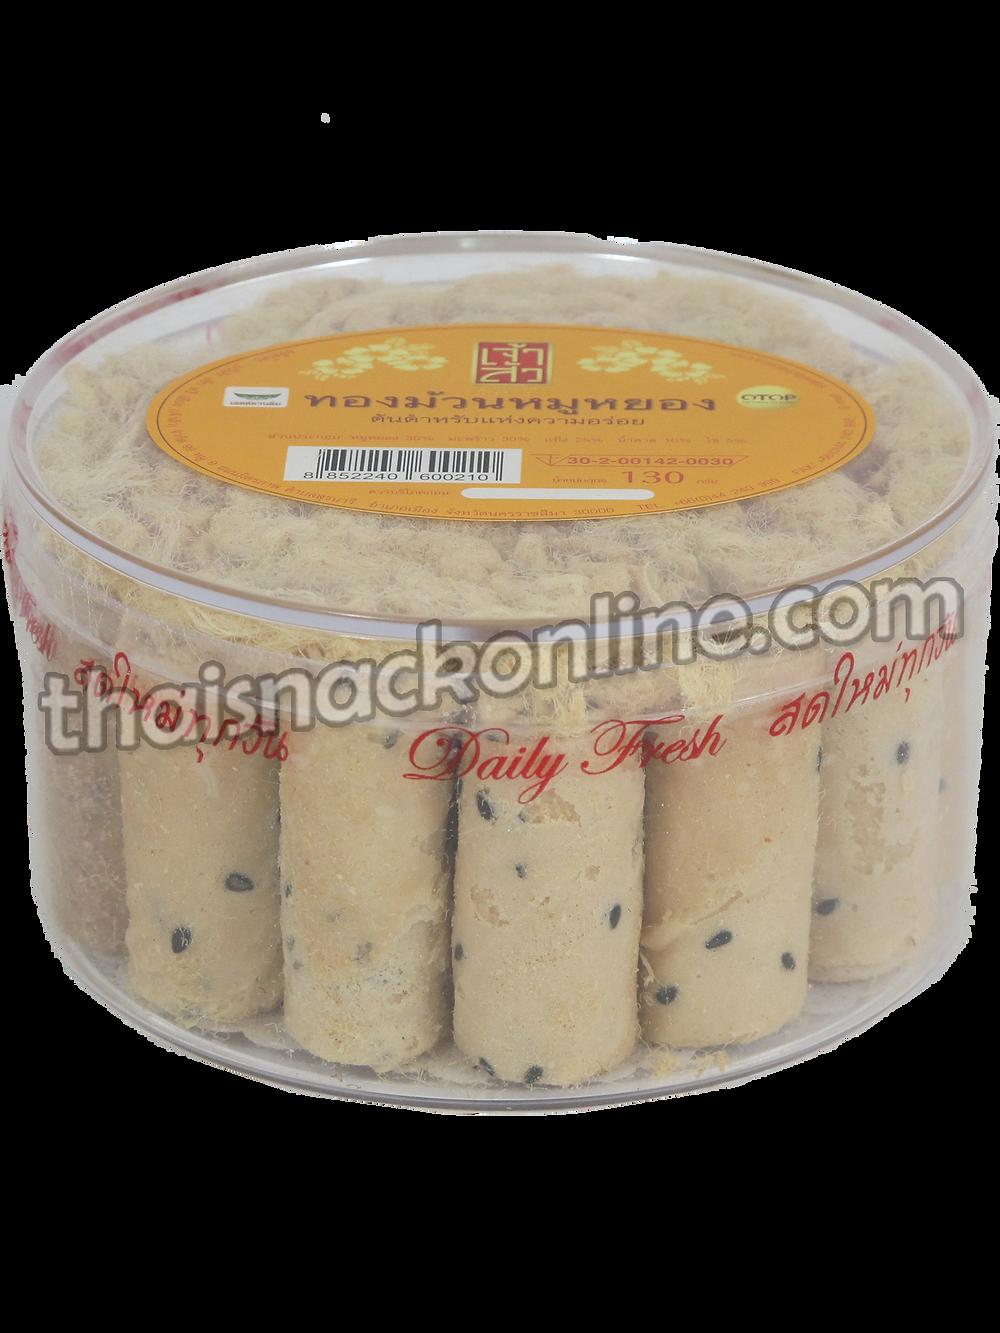 Chao Sua - Coconut Crispy Roll Pork